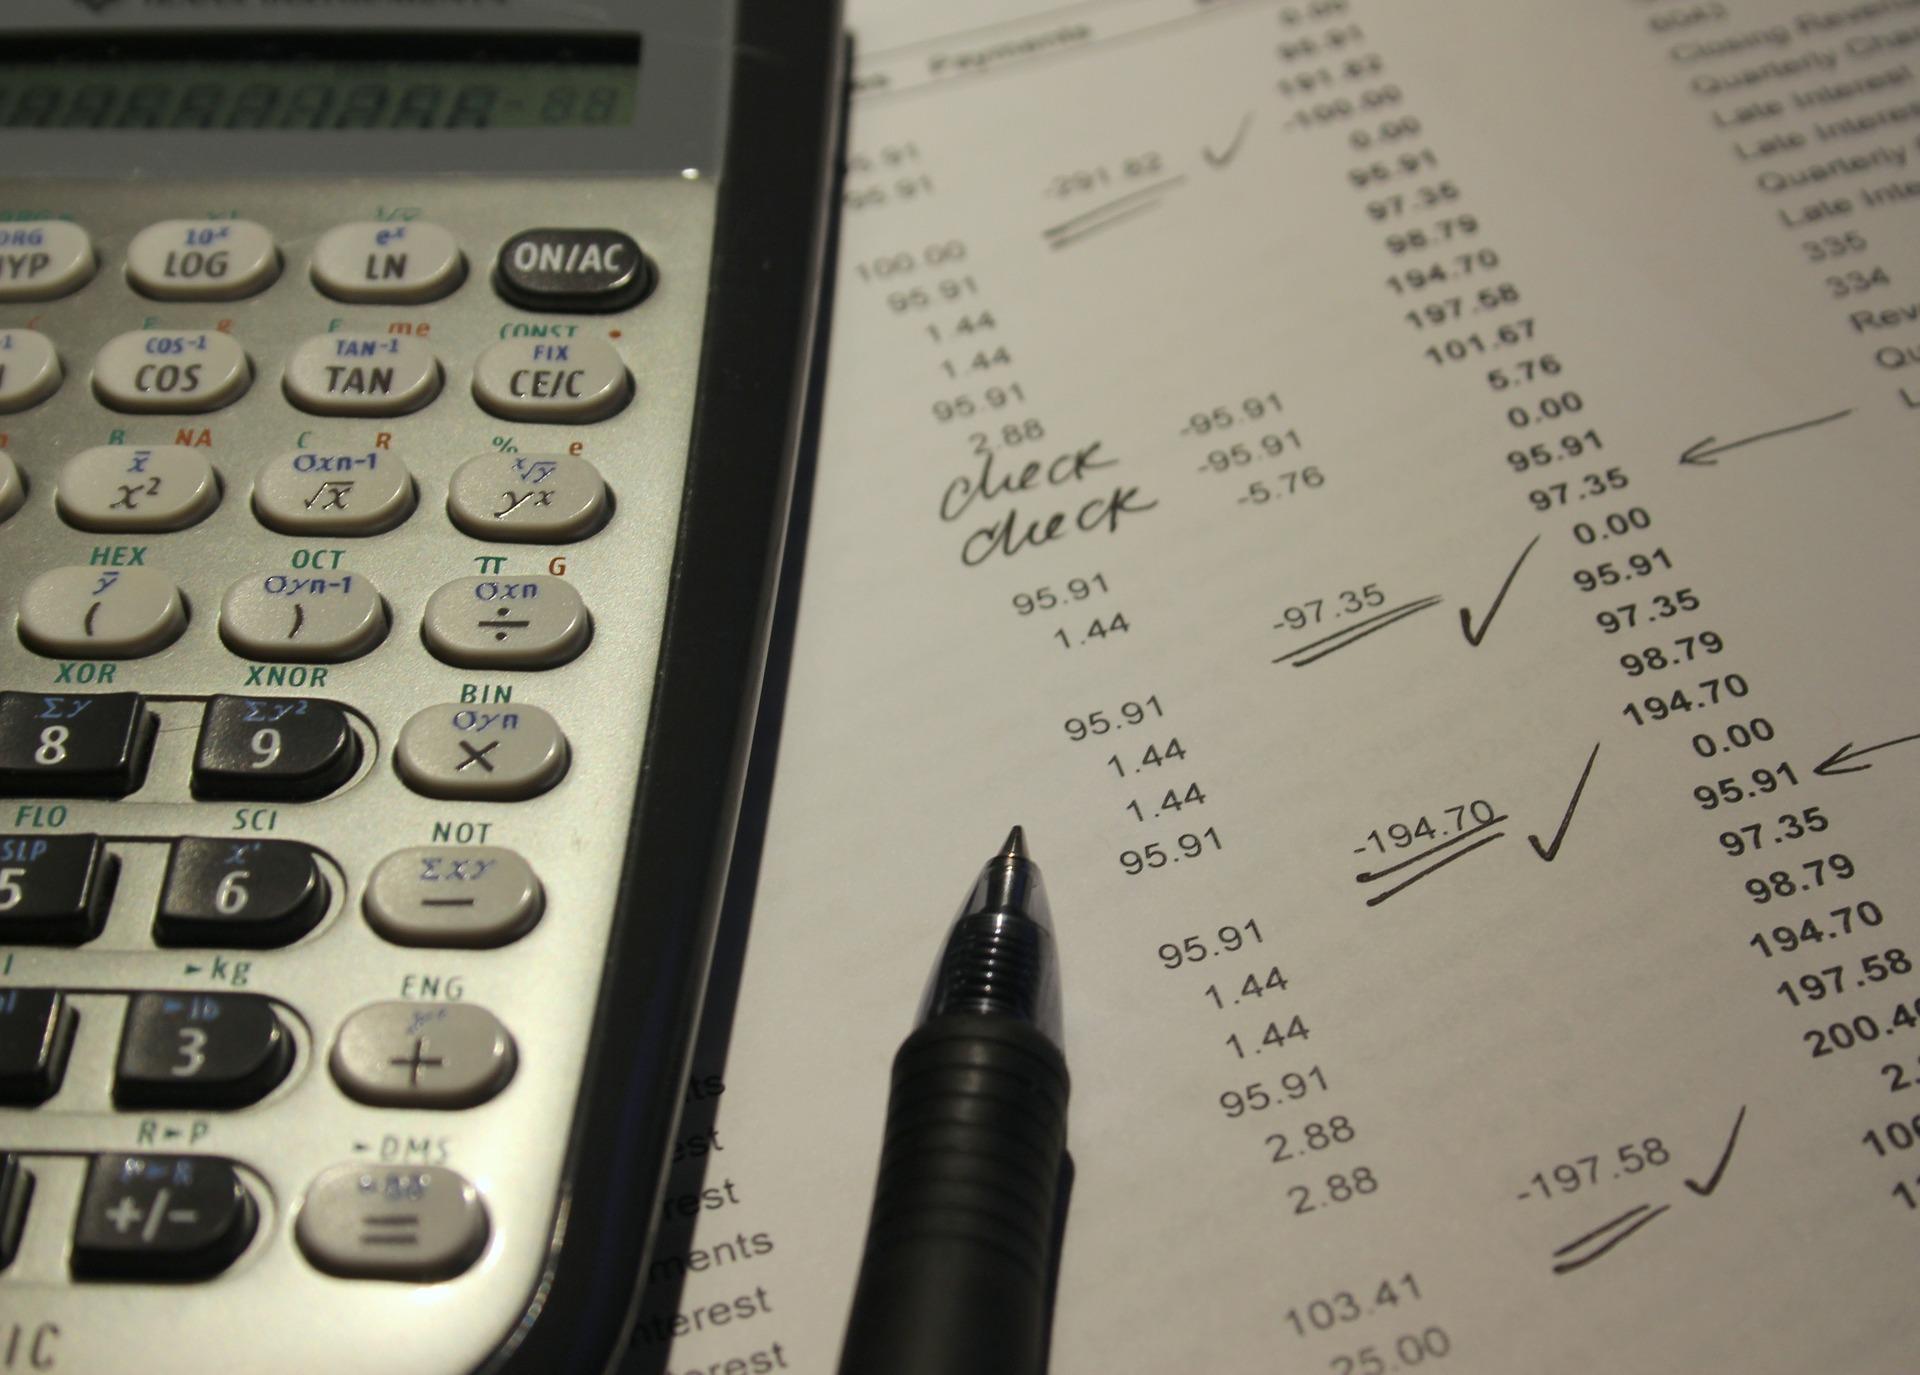 Kostenerinnerung per E-Mail - ohne qualifizierte Signatur